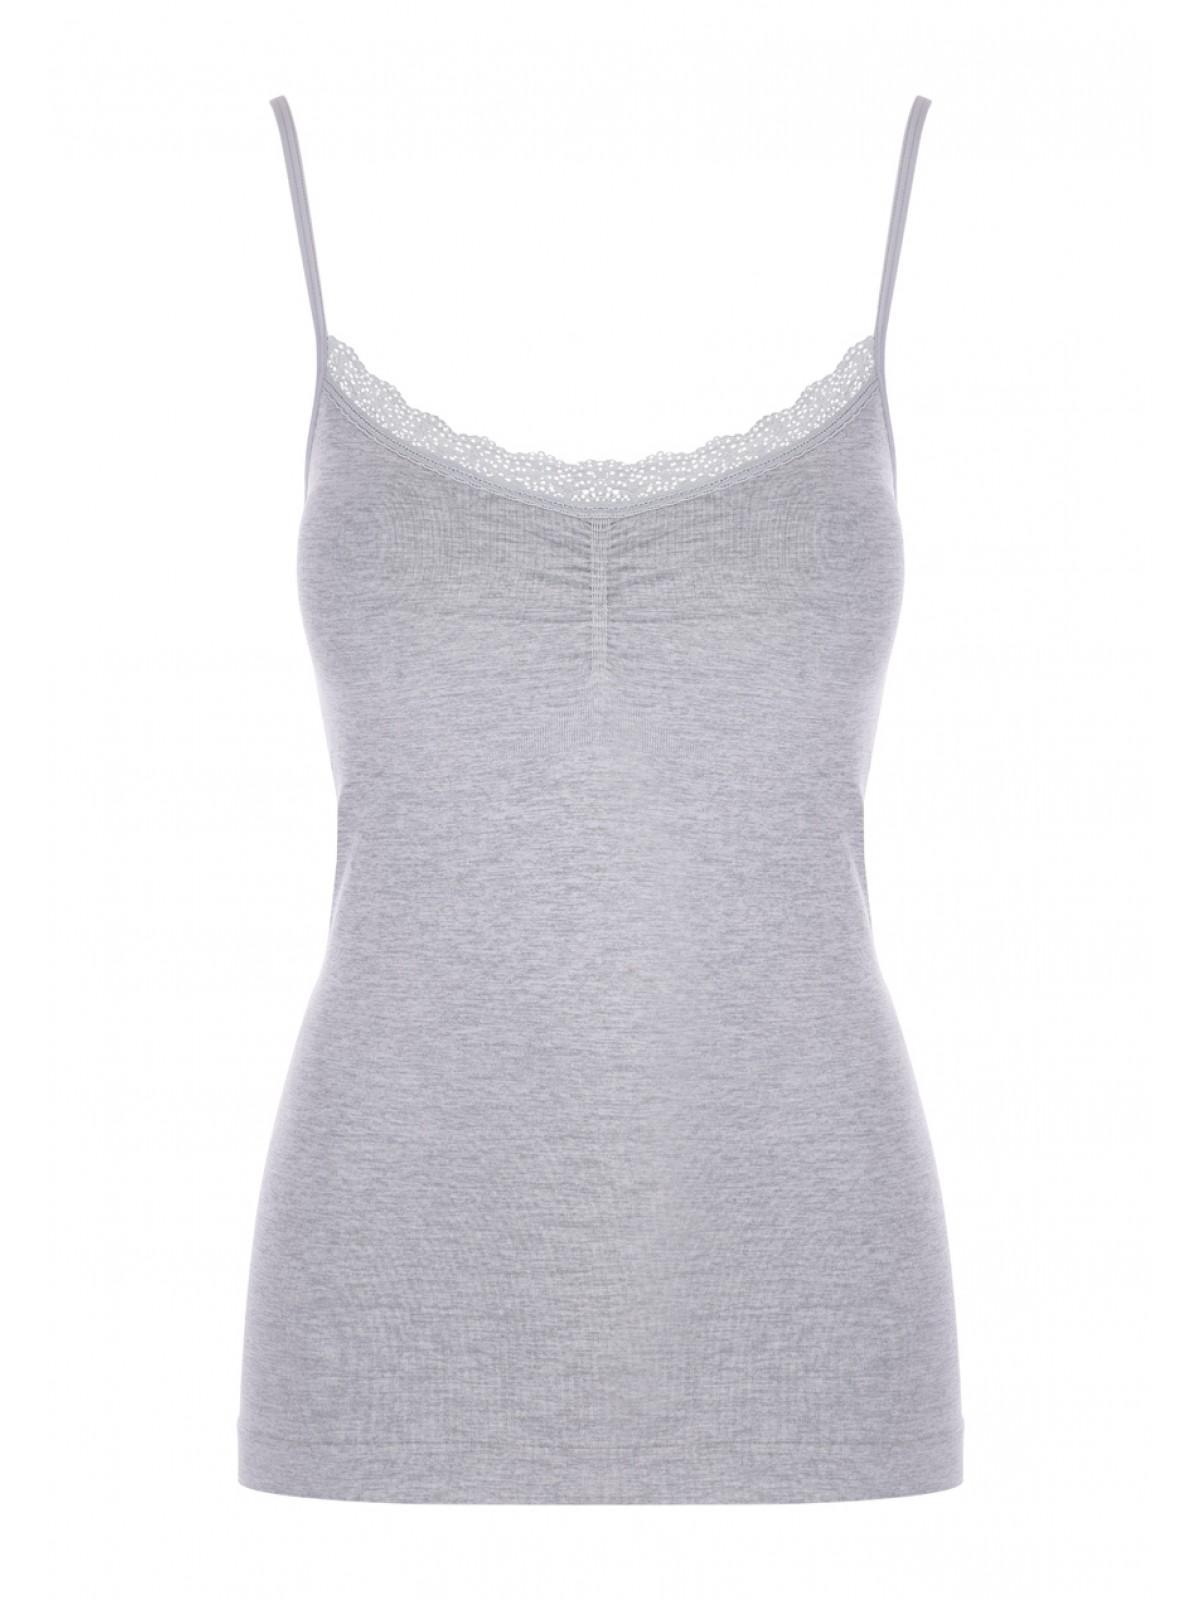 e474a40acfd5e0 Home; Womens Grey Marl Seam Free Pyjama Cami Top. Back. PreviousNext